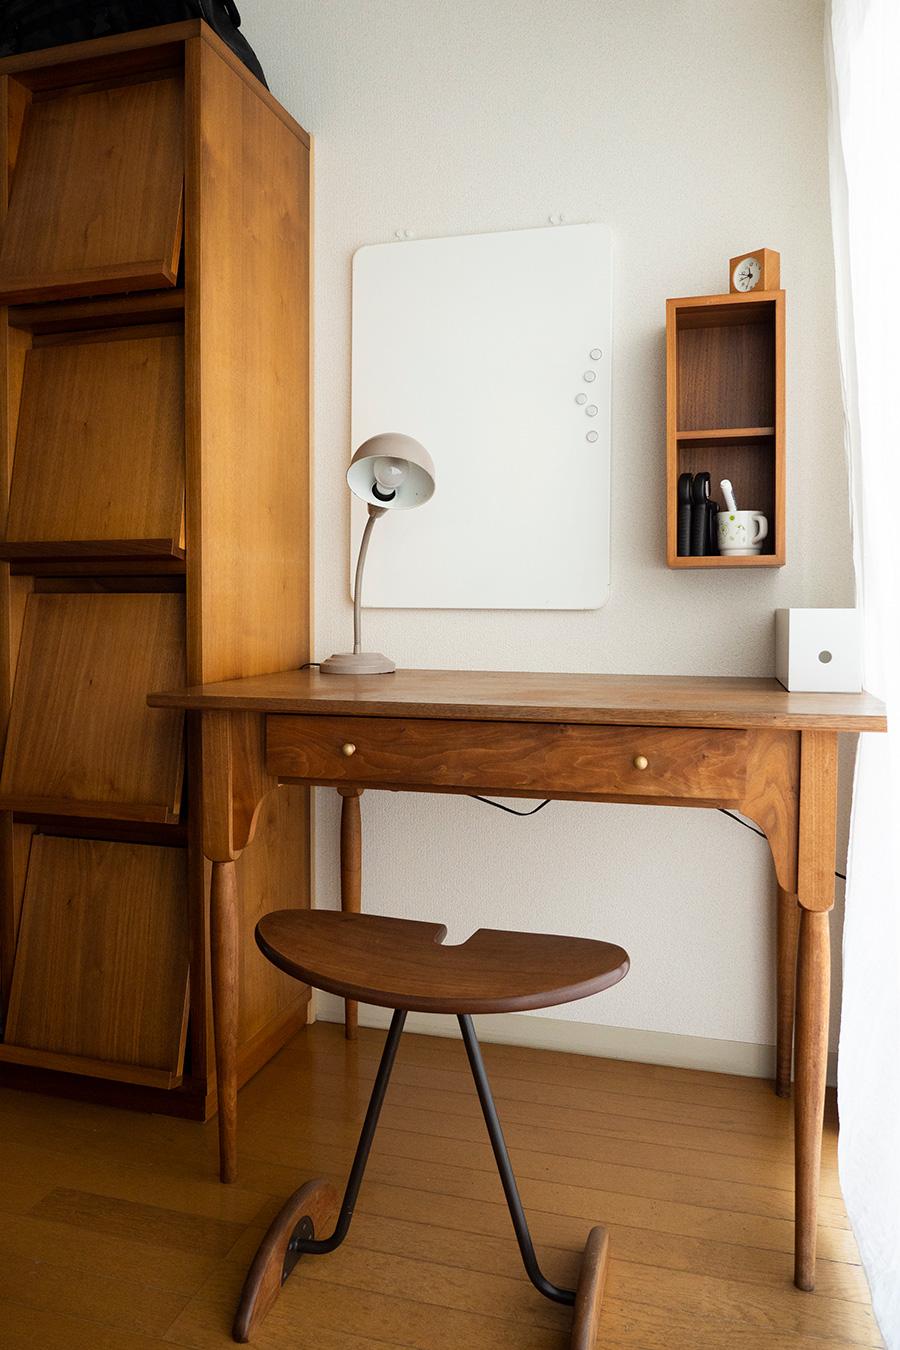 広松木工のデスクは、ダイニングテーブルから勉強机に。無印良品の「壁につけられる家具」を設置して、よく使う筆記用具などを収めている。